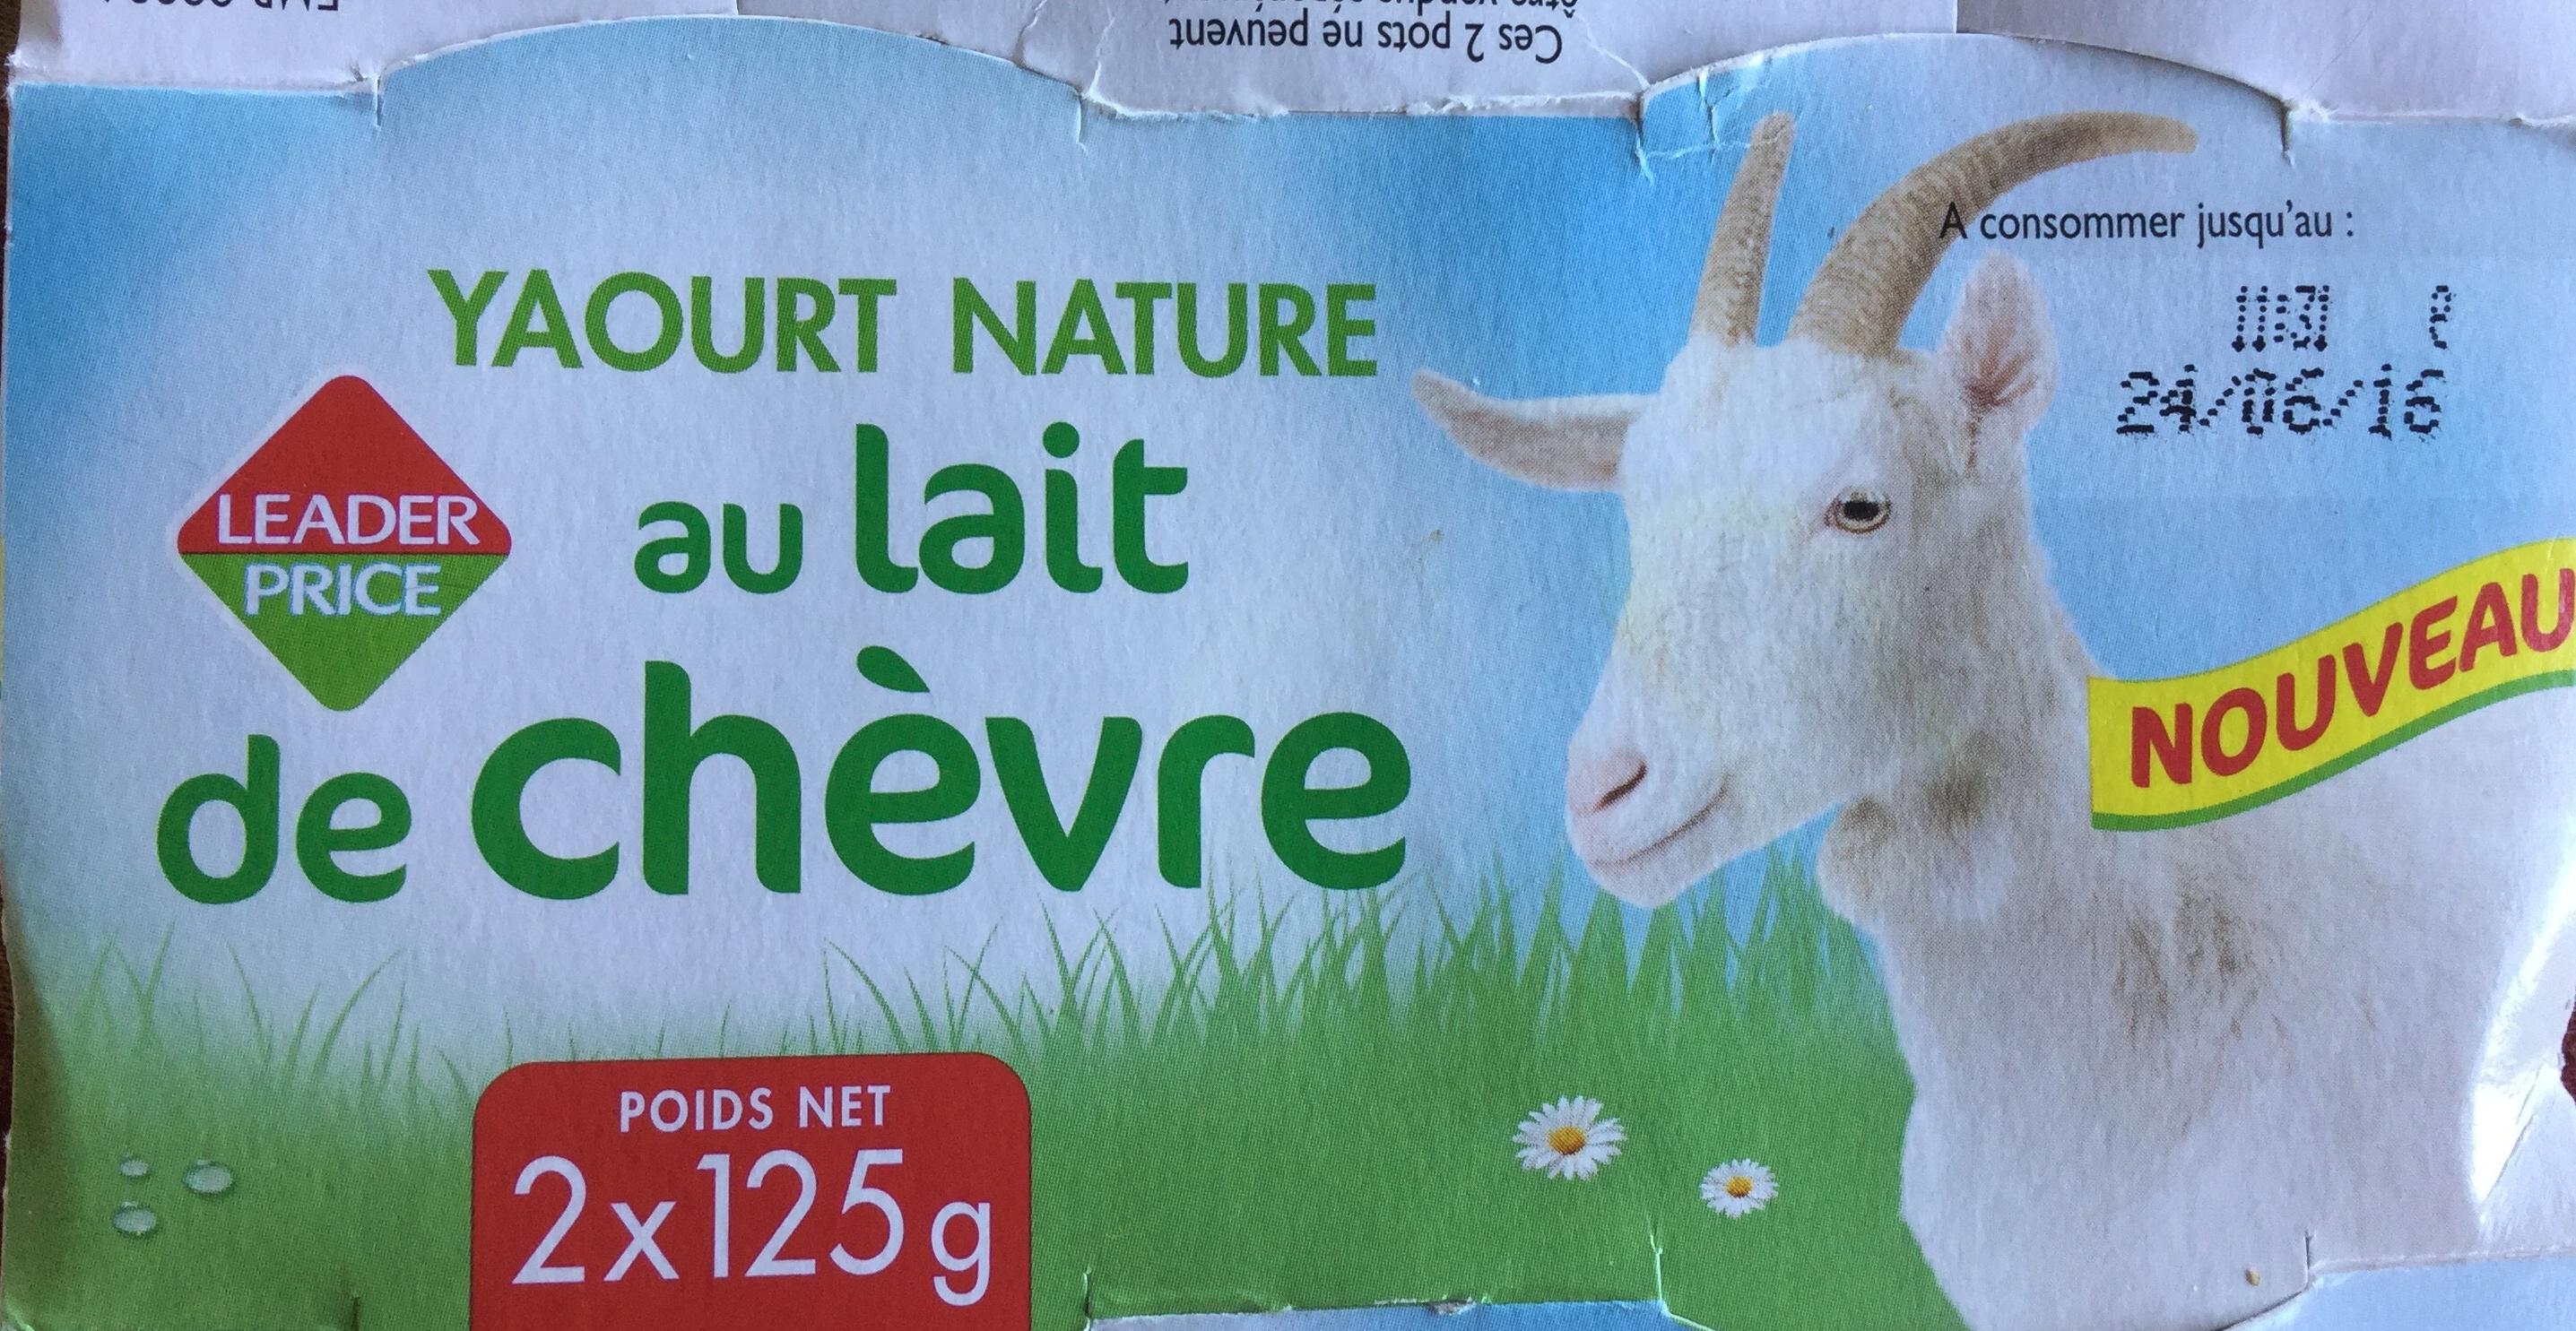 Yaourt nature au lait de ch vre leader price 250 g 2 - Yaourt maison lait de chevre ...